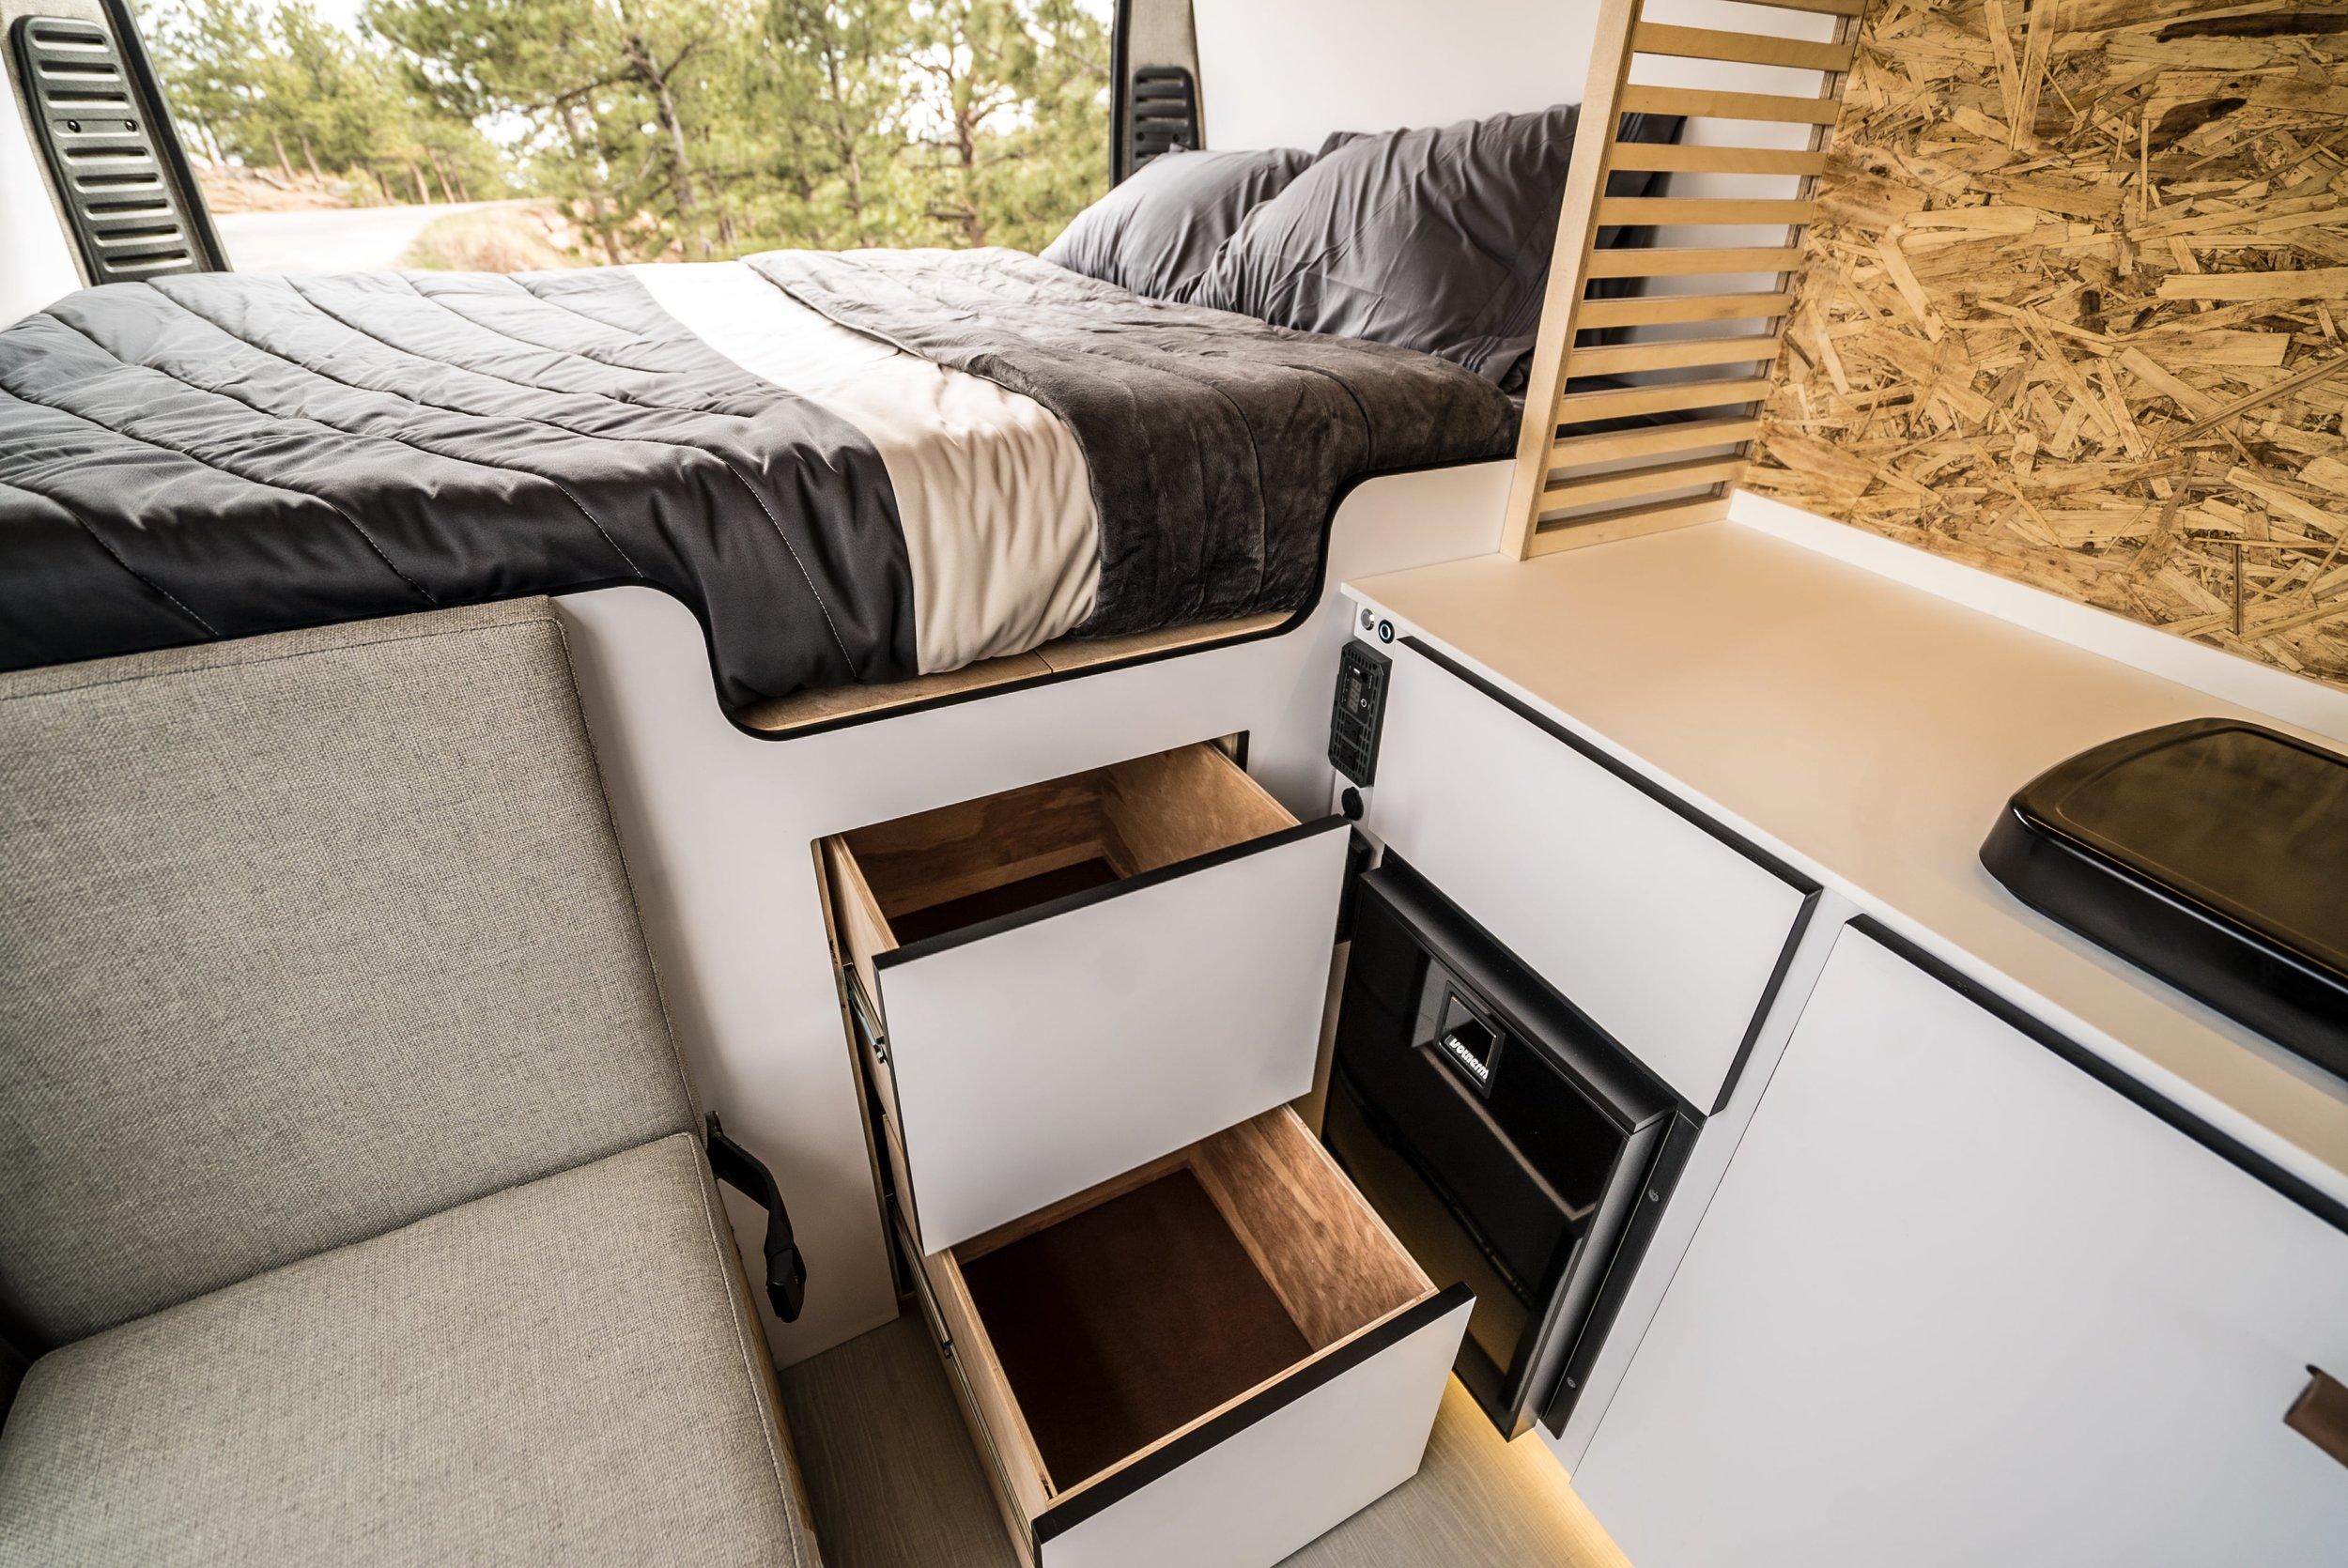 Storage Drawers in the Biggie Campervan